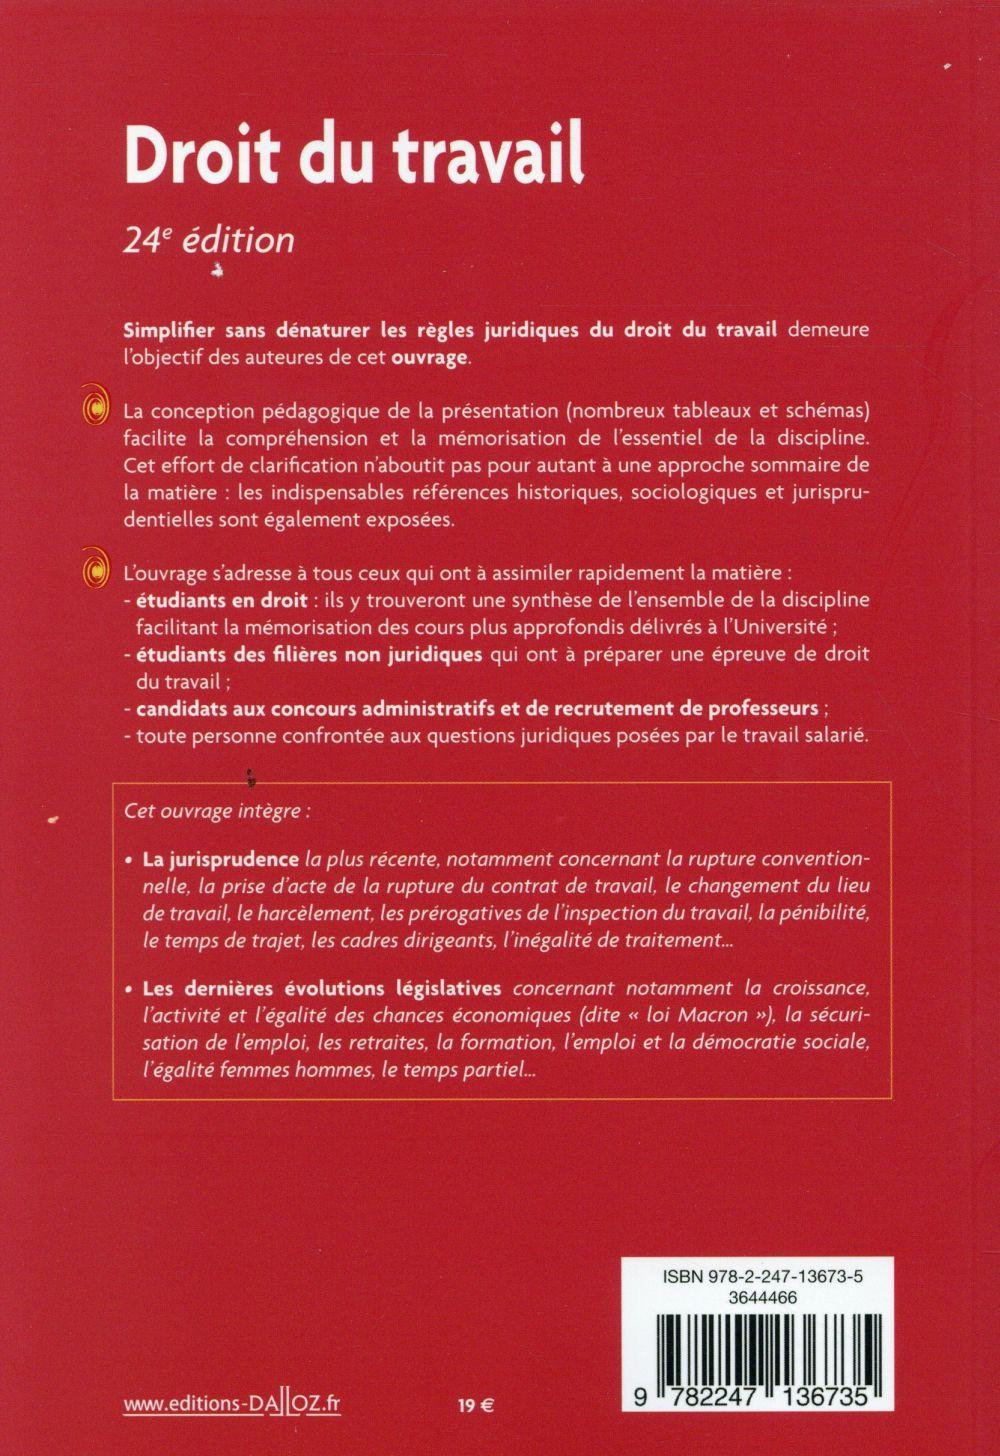 Le droit du travail (24e édition)